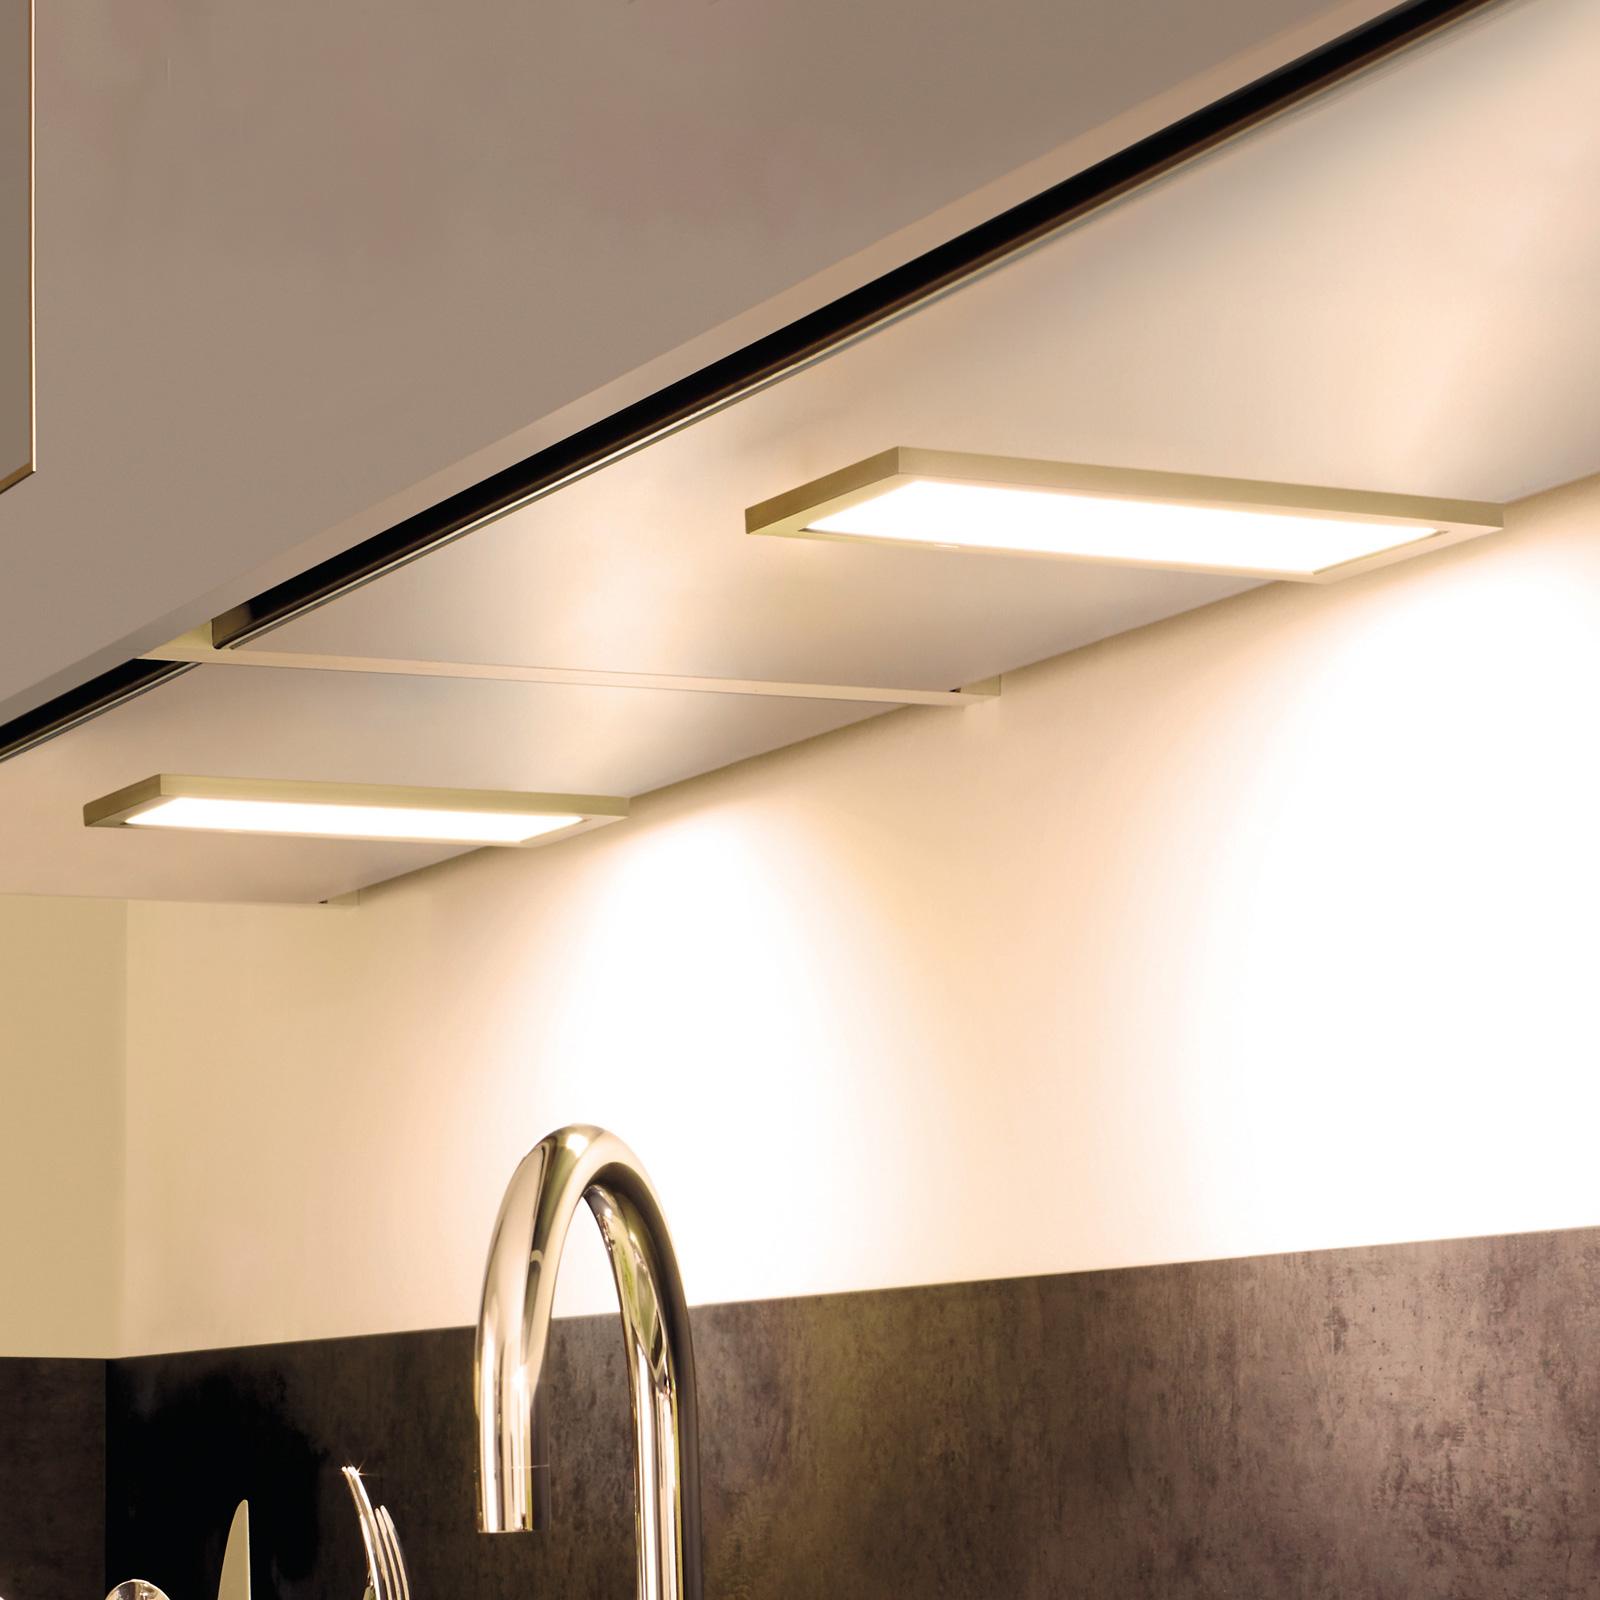 LED-bänklampa Sky dimmer x2 3 000 K stål